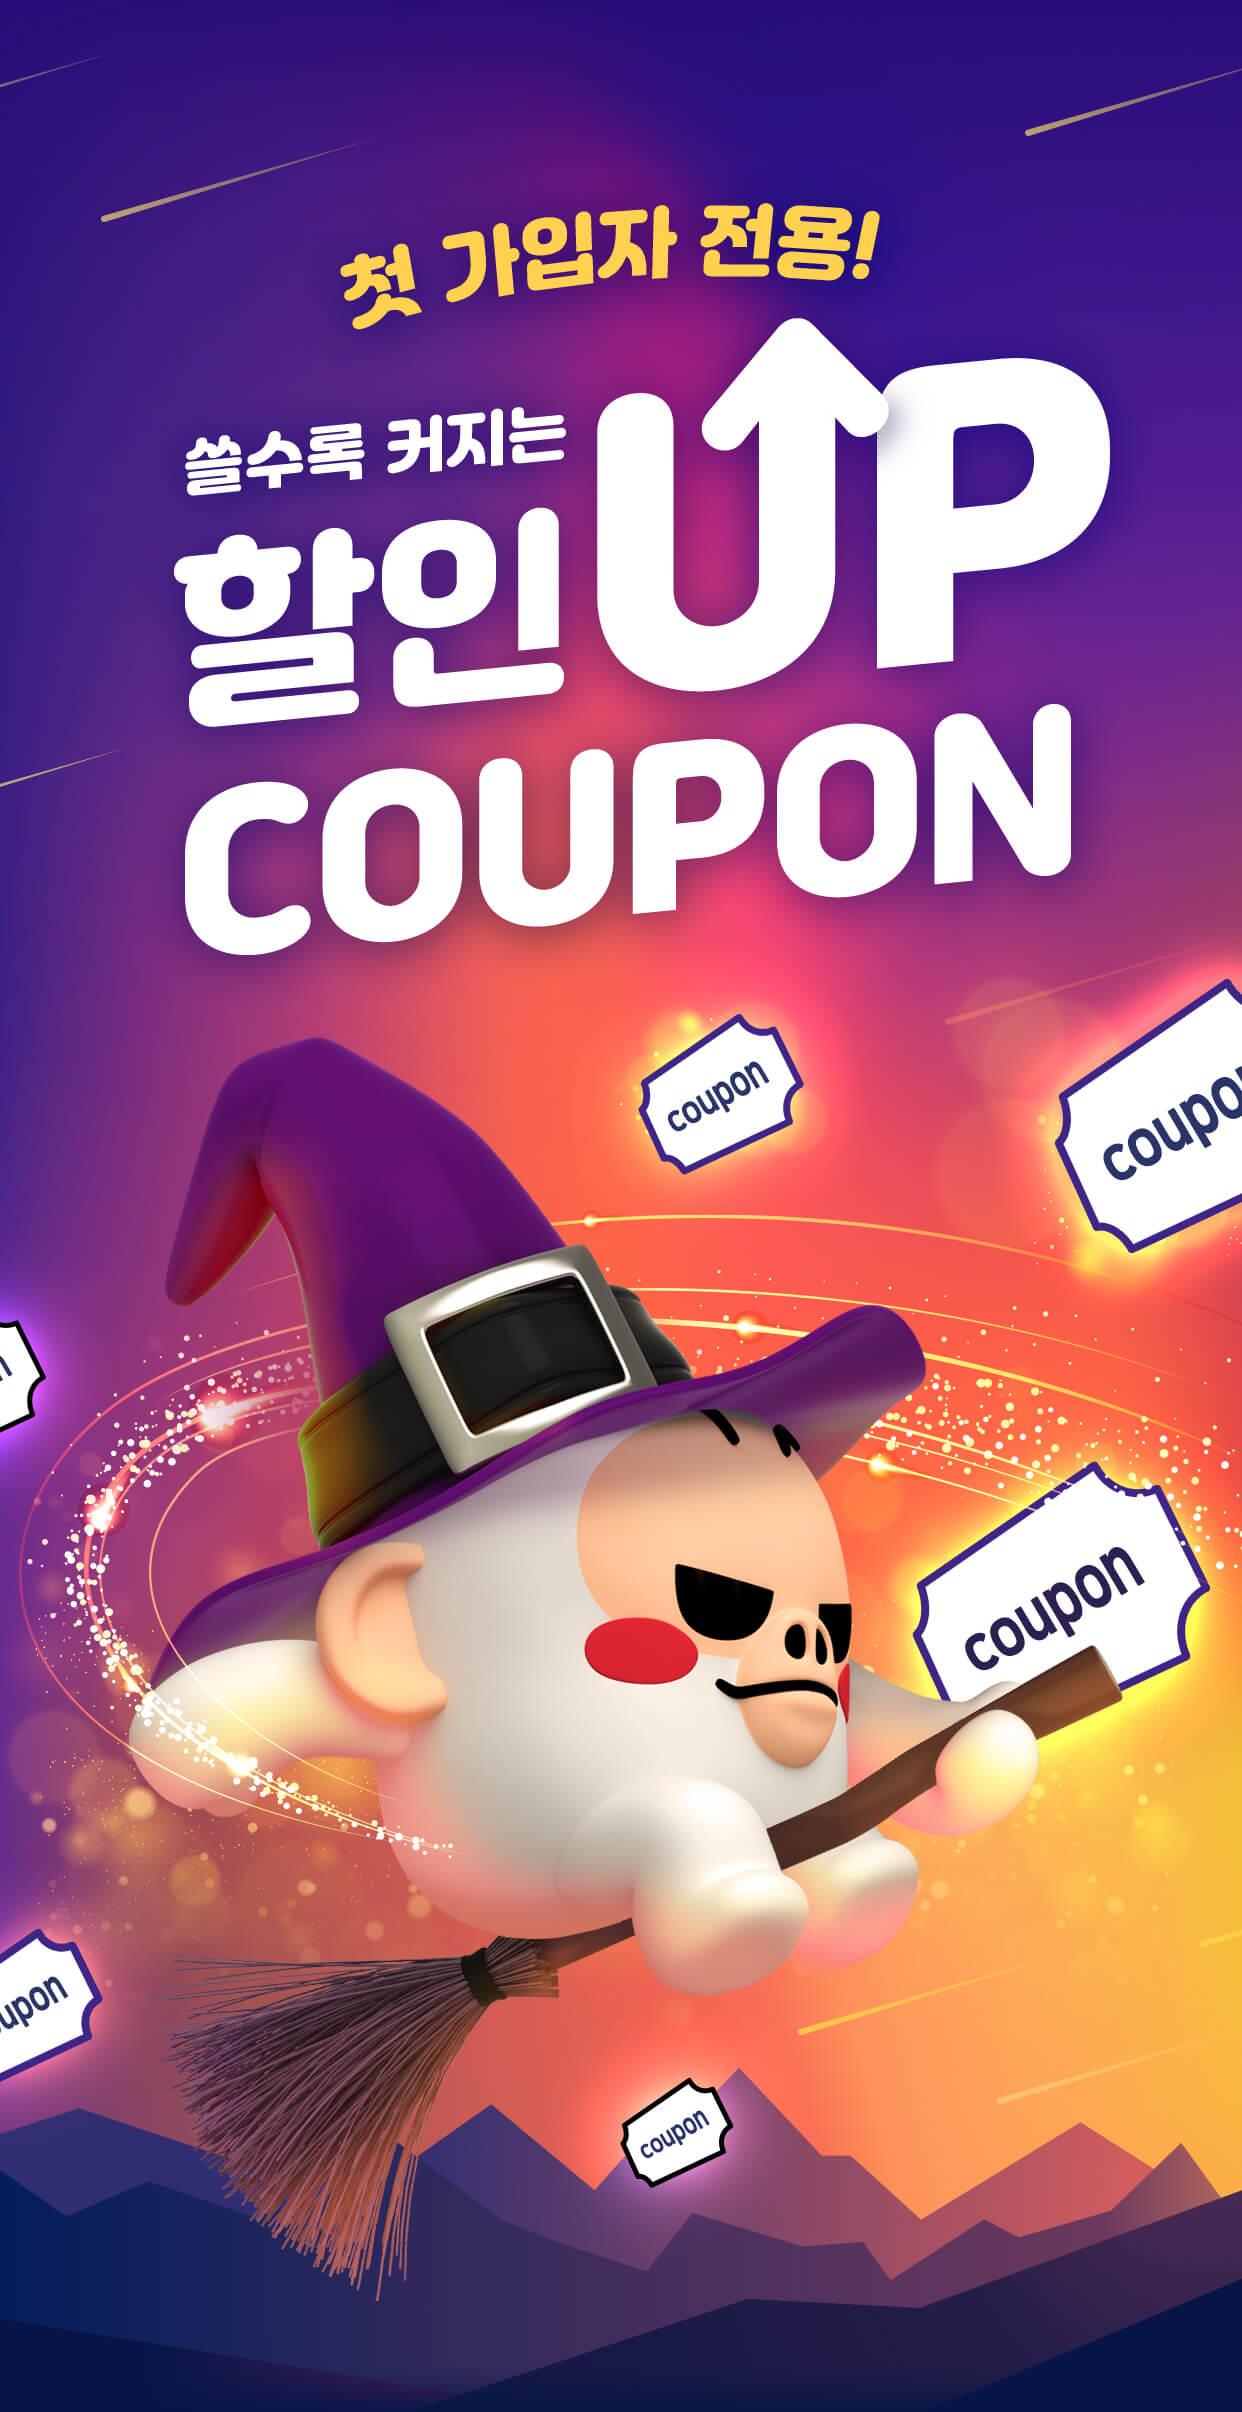 첫 가입자 전용 쓸수록 커지는 할인up coupon